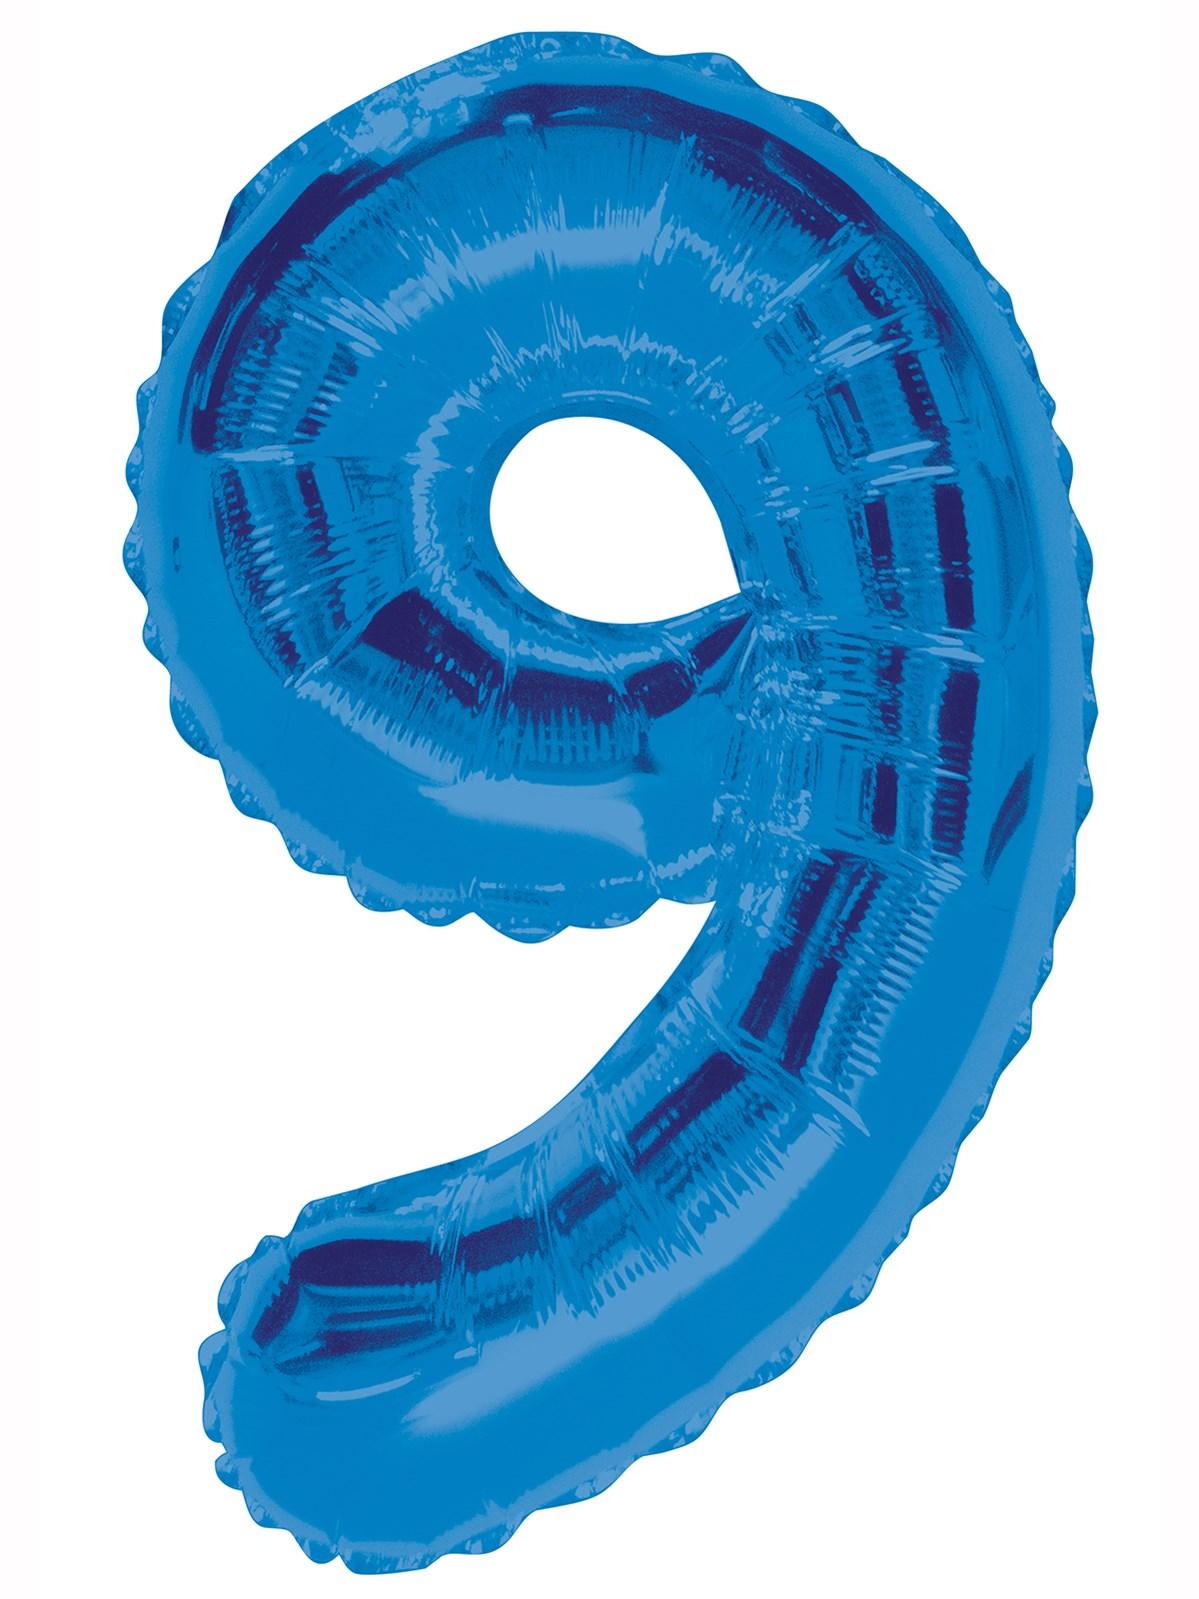 Folieballong 86cm siffra blå 9  49kr